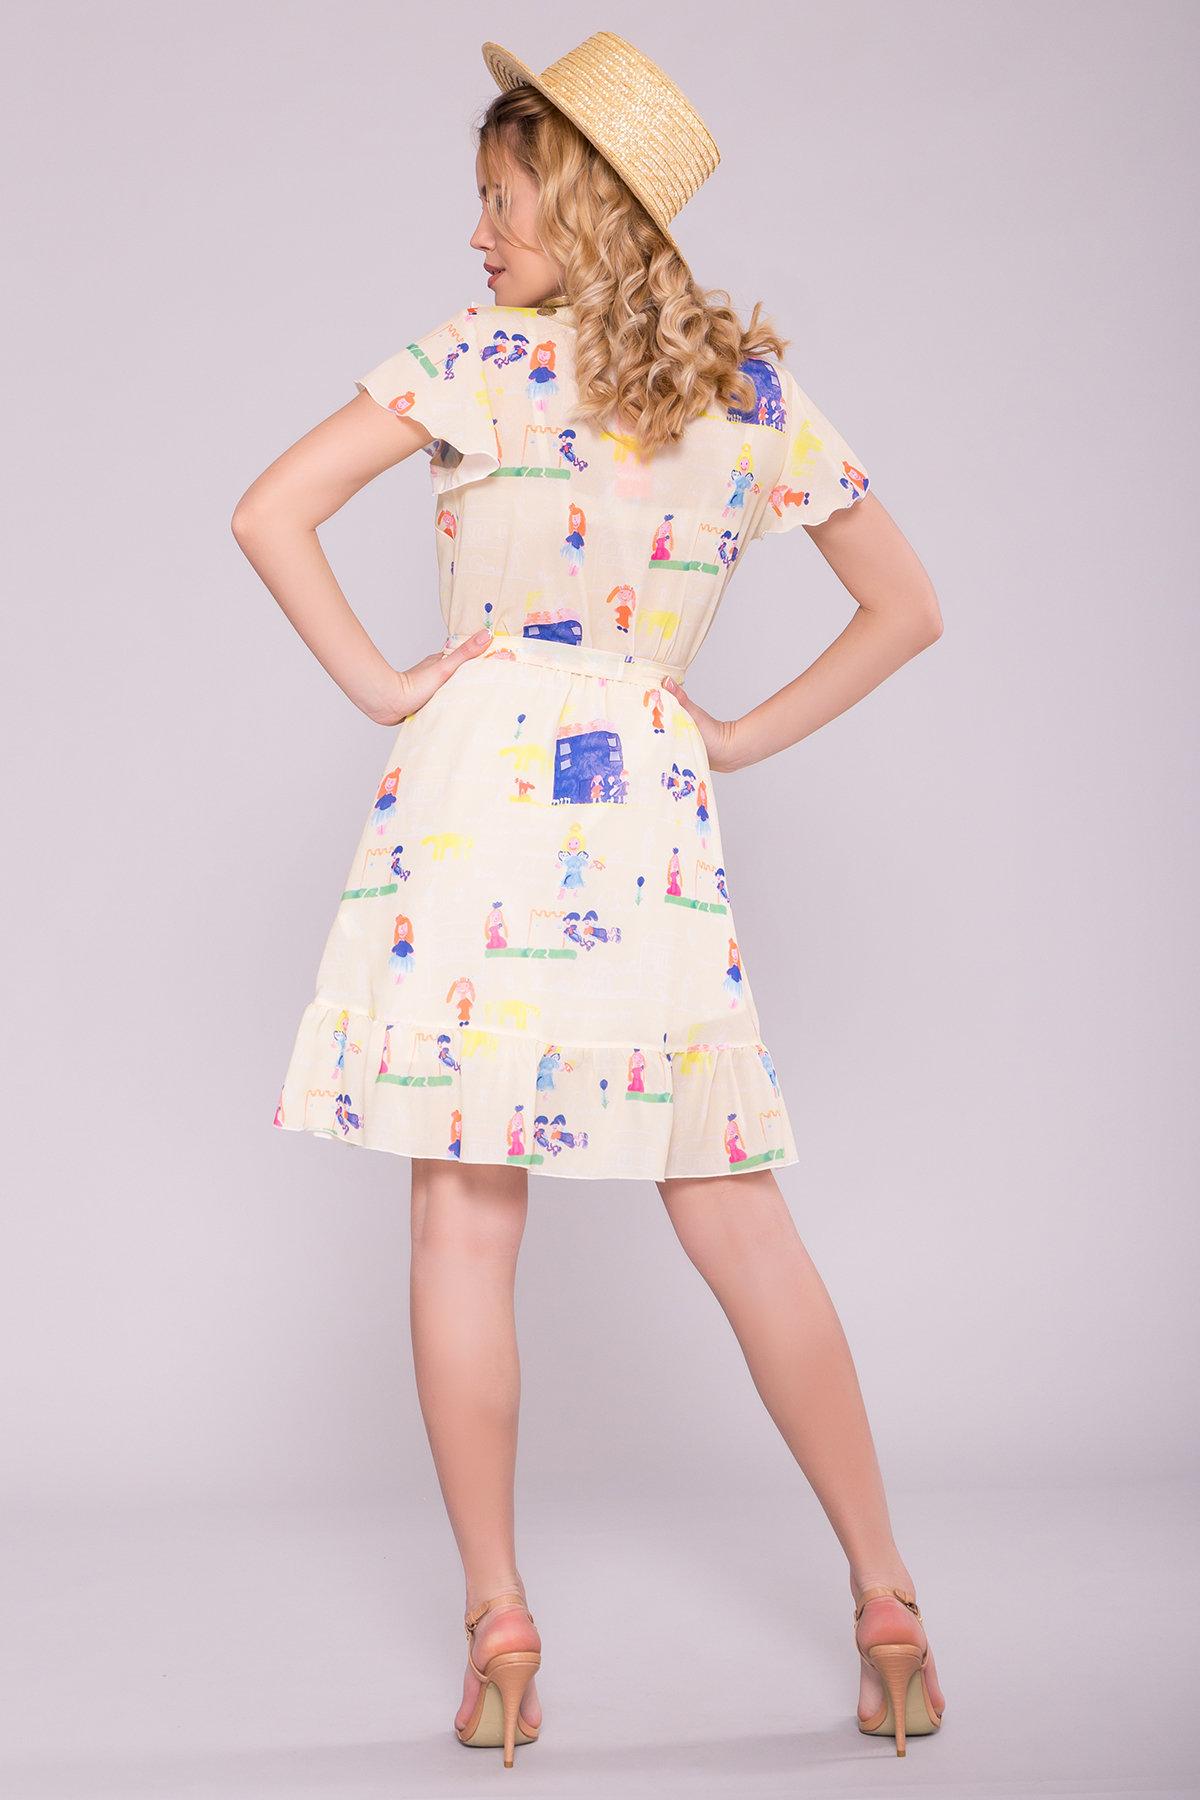 Платье Лигра 7096 АРТ. 42436 Цвет: Лимон дет.рис.14/3 - фото 2, интернет магазин tm-modus.ru